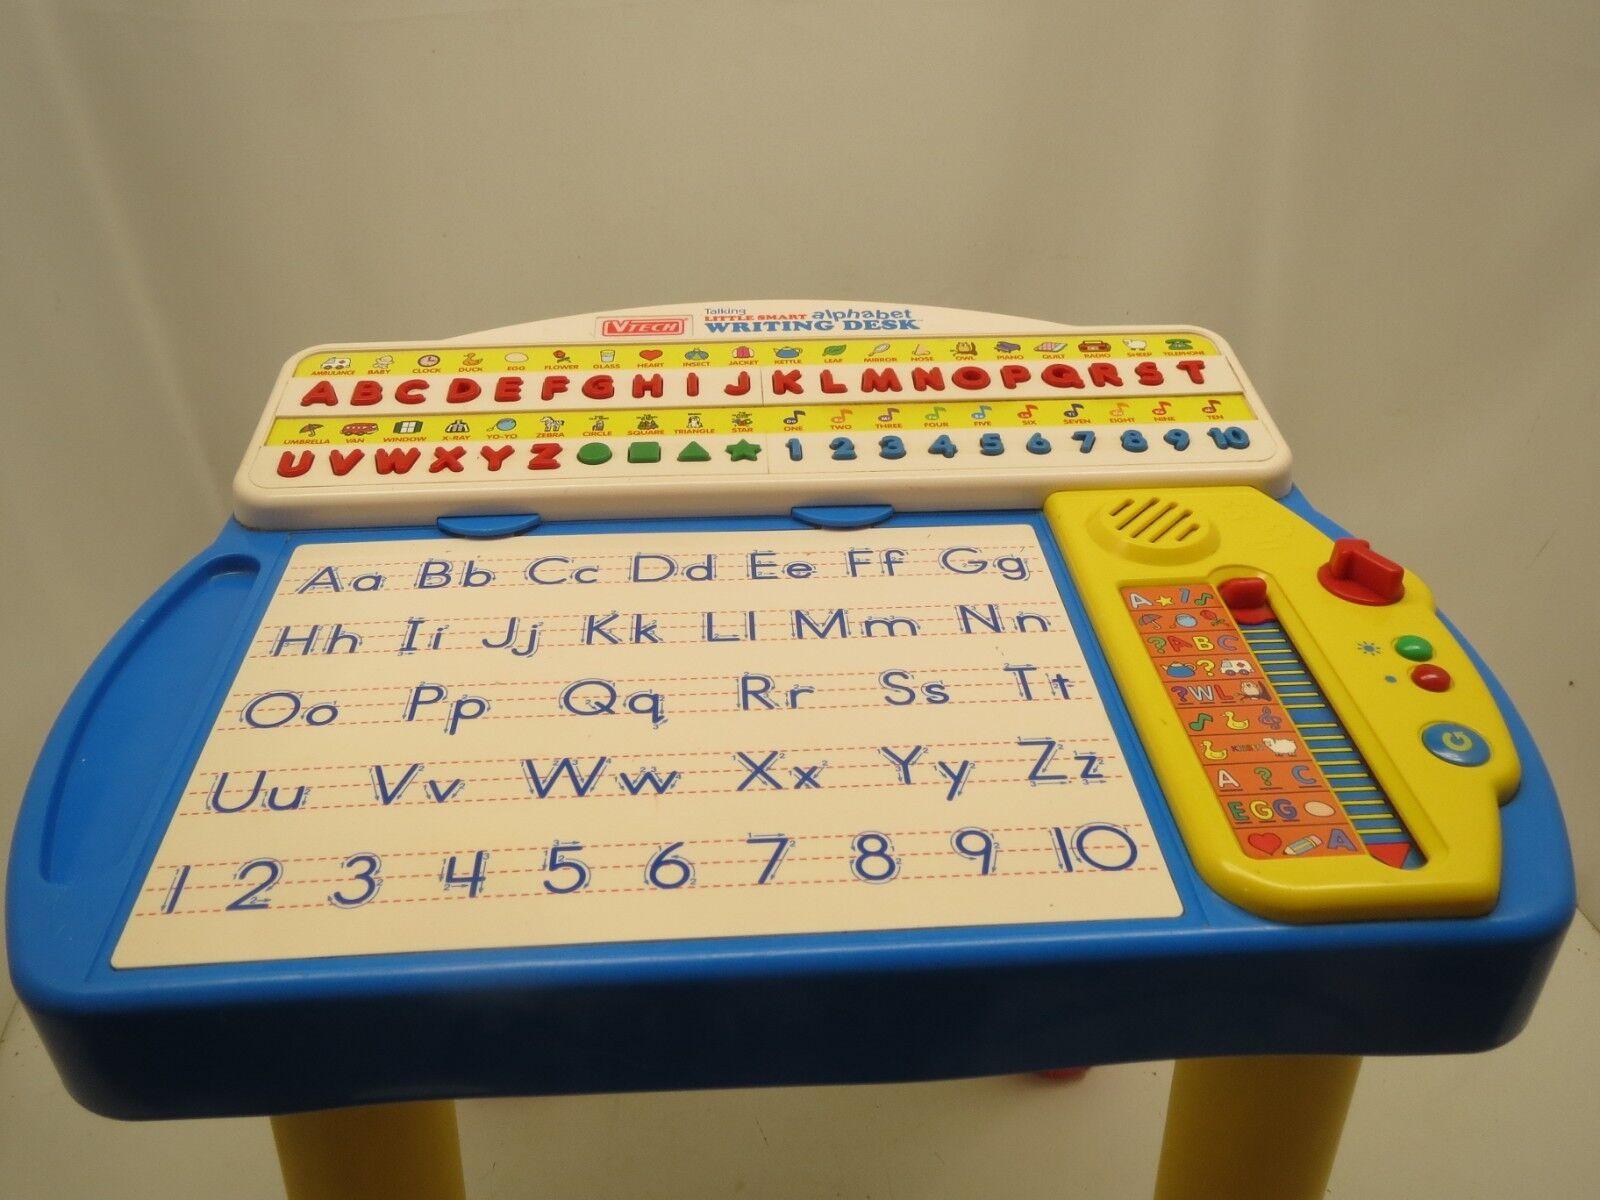 Un escritorio de letras inteligentes que que que hable ¡Un escritorio de letras inteligentes que hable - Sí.Rara ¡Rara - Sí. 565